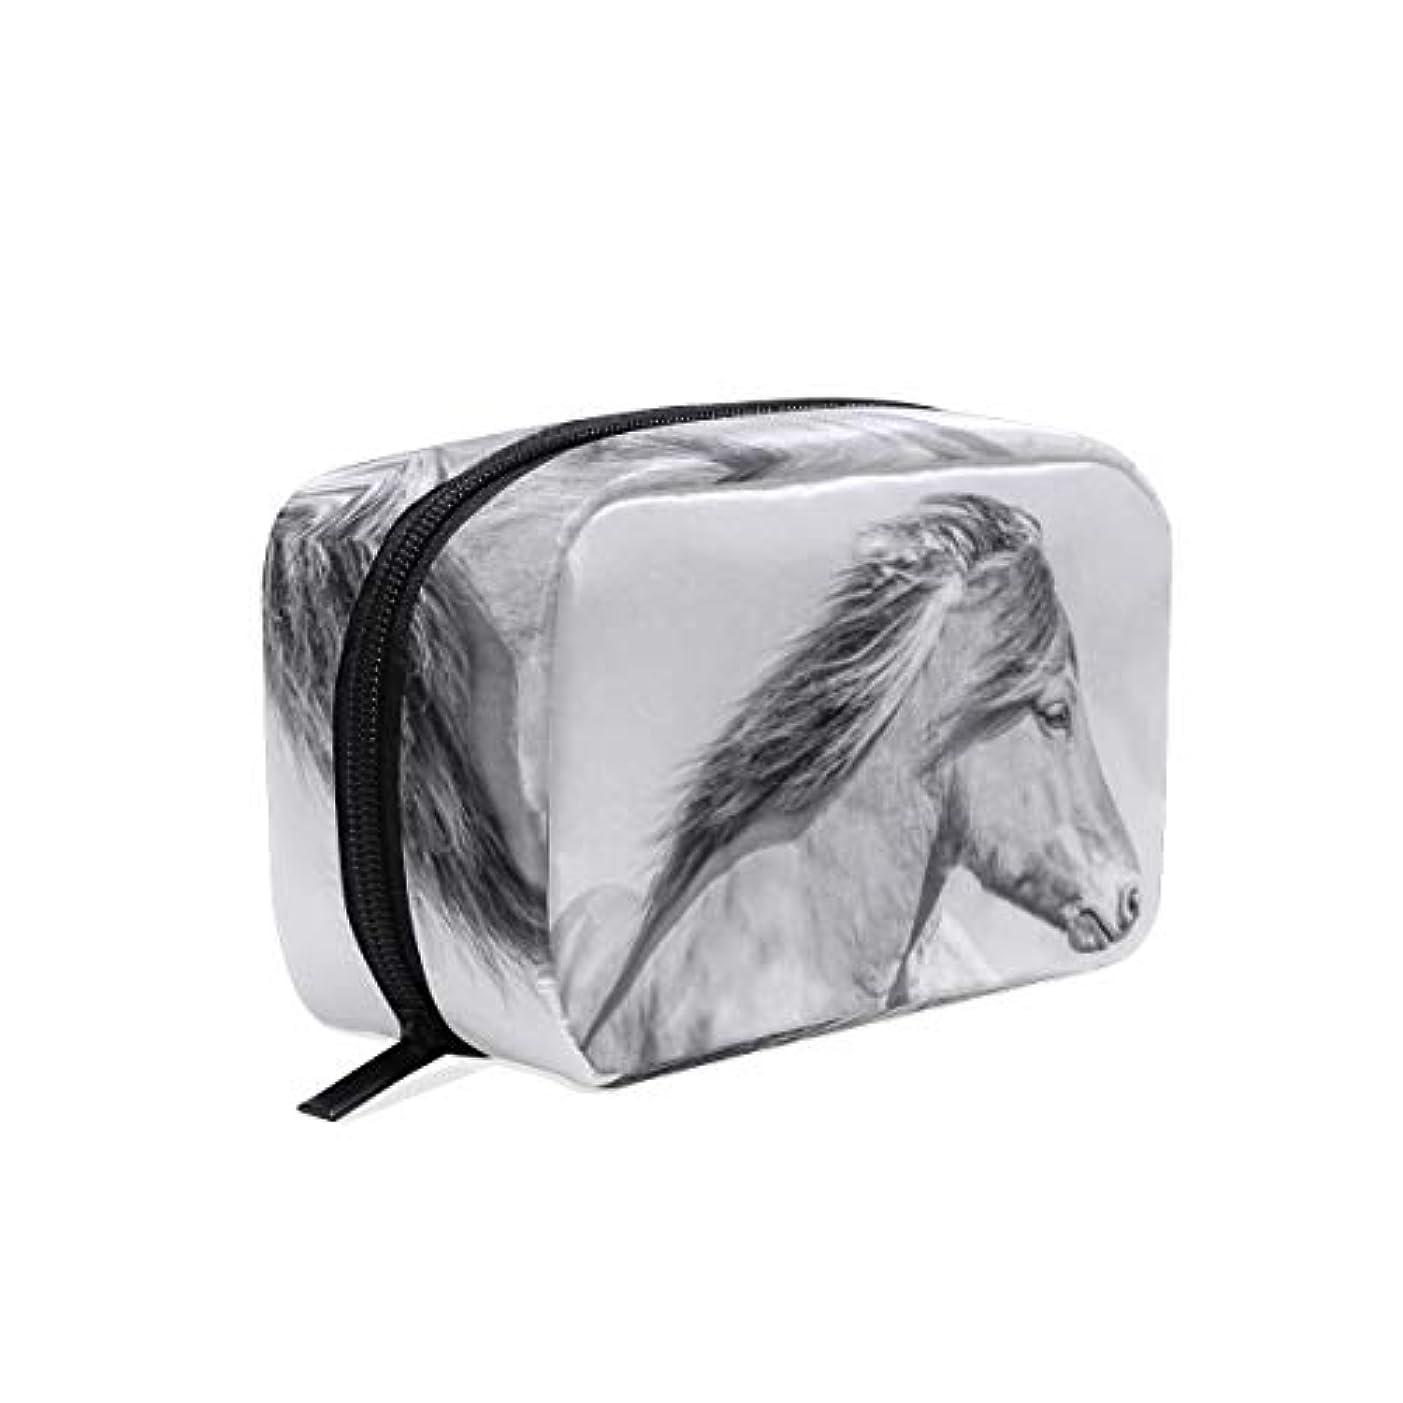 ブランデー申し立てケニア化粧品 収納バッグ コスメポーチ 風の中 馬柄メイクボックス メイクポーチ 多機能 大容量 軽量 化粧ポーチ 小物入れ レディース用 おしゃれ 大容量 旅行出張用 持ち運び便利